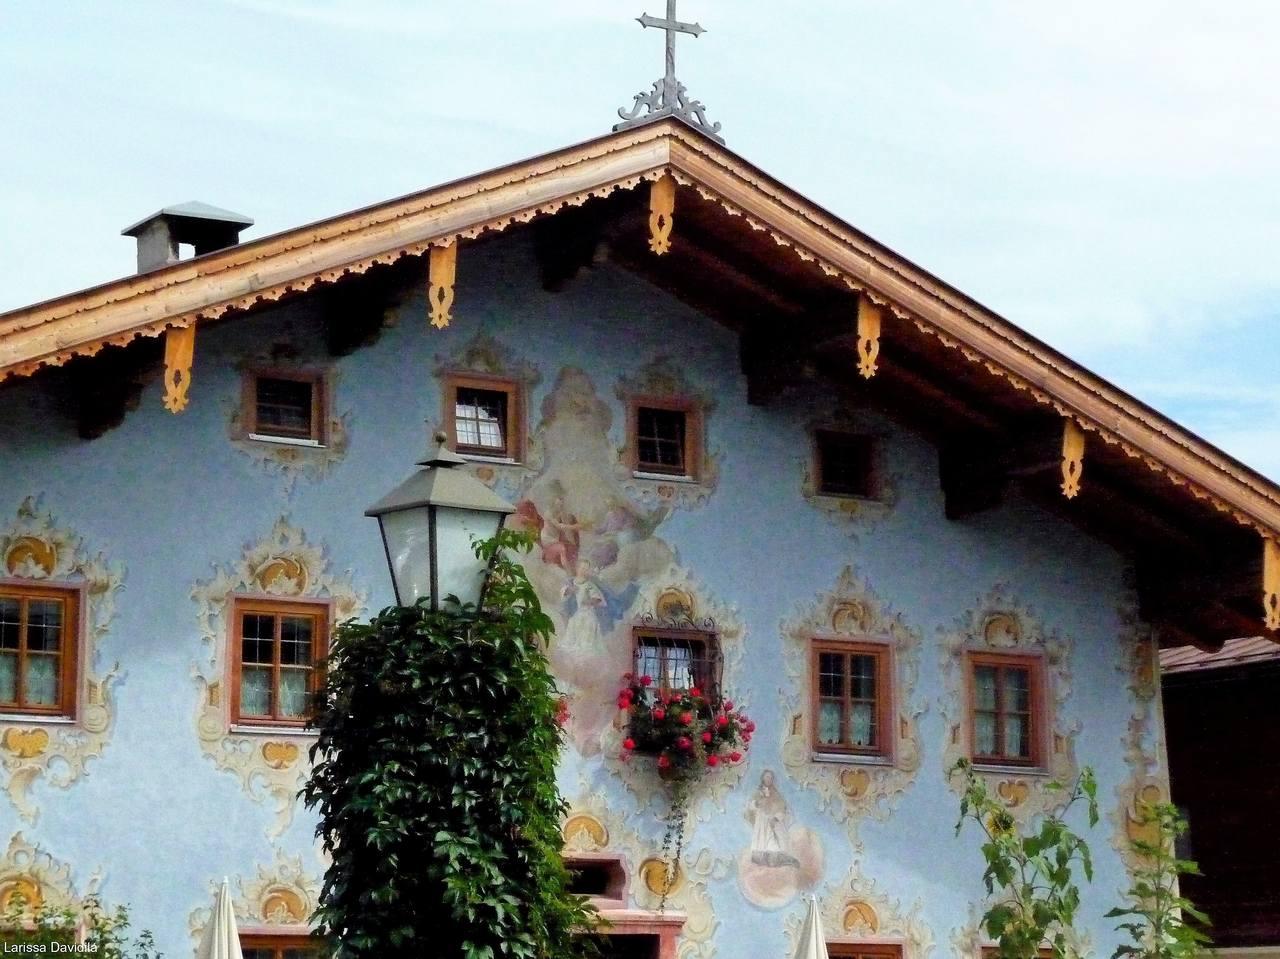 St. Johann -25-8-08 (47) dd